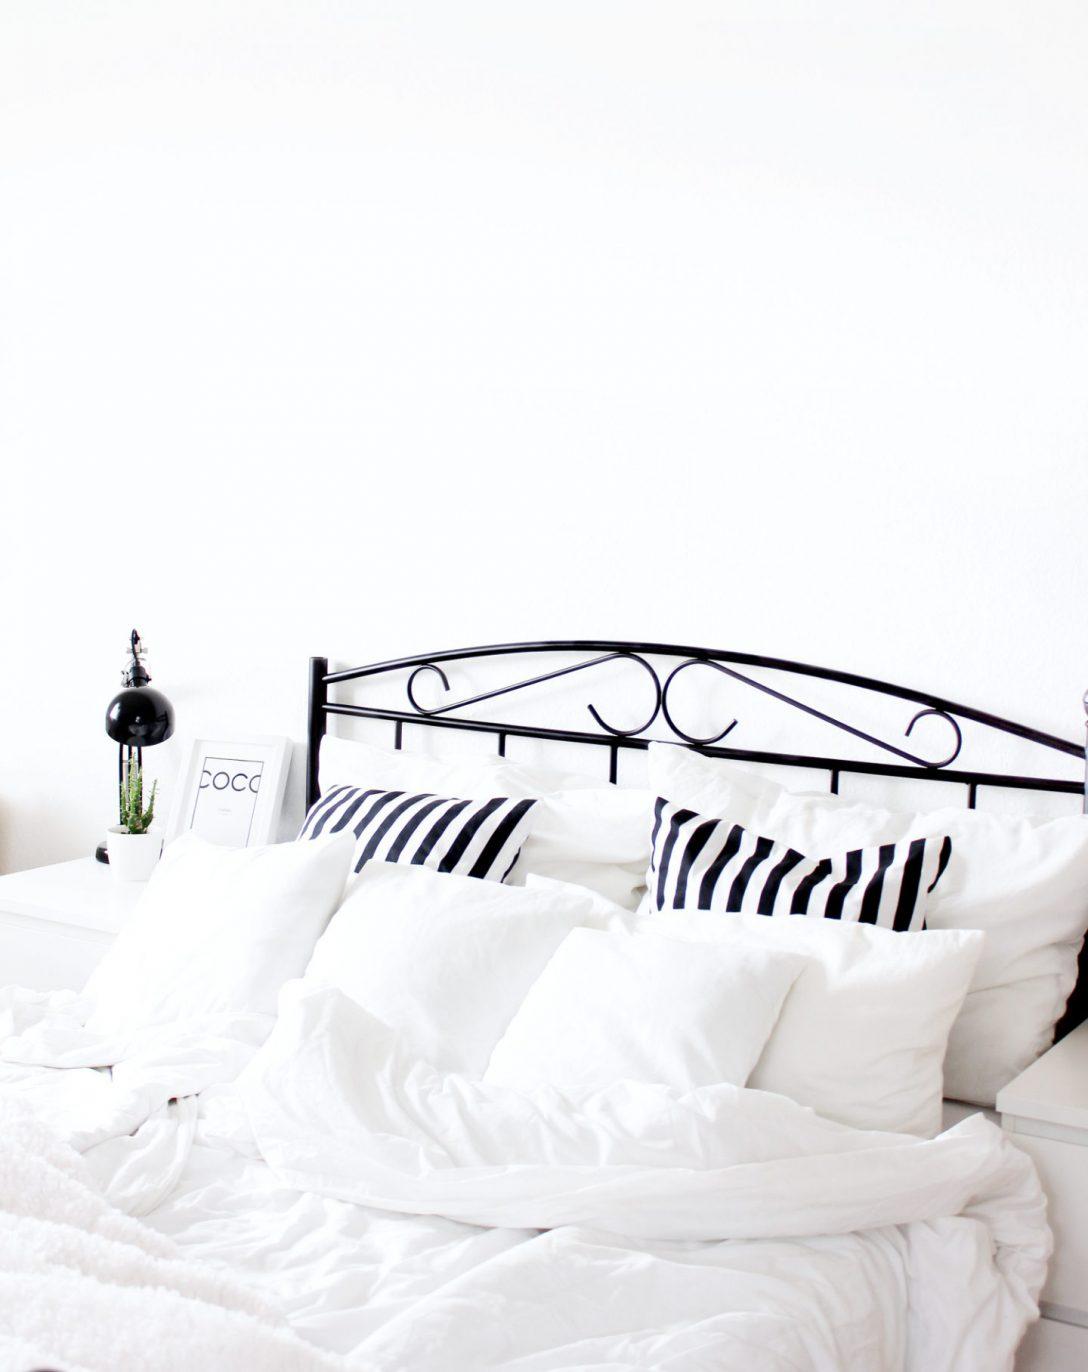 Large Size of Interior Einrichtung Skandinavisch Minimalistisch Bett Jugendstil Team 7 Betten 180x200 Weiß Tagesdecken Für Günstig Kaufen Ausklappbares 140x200 Mit Bett Bett Minimalistisch